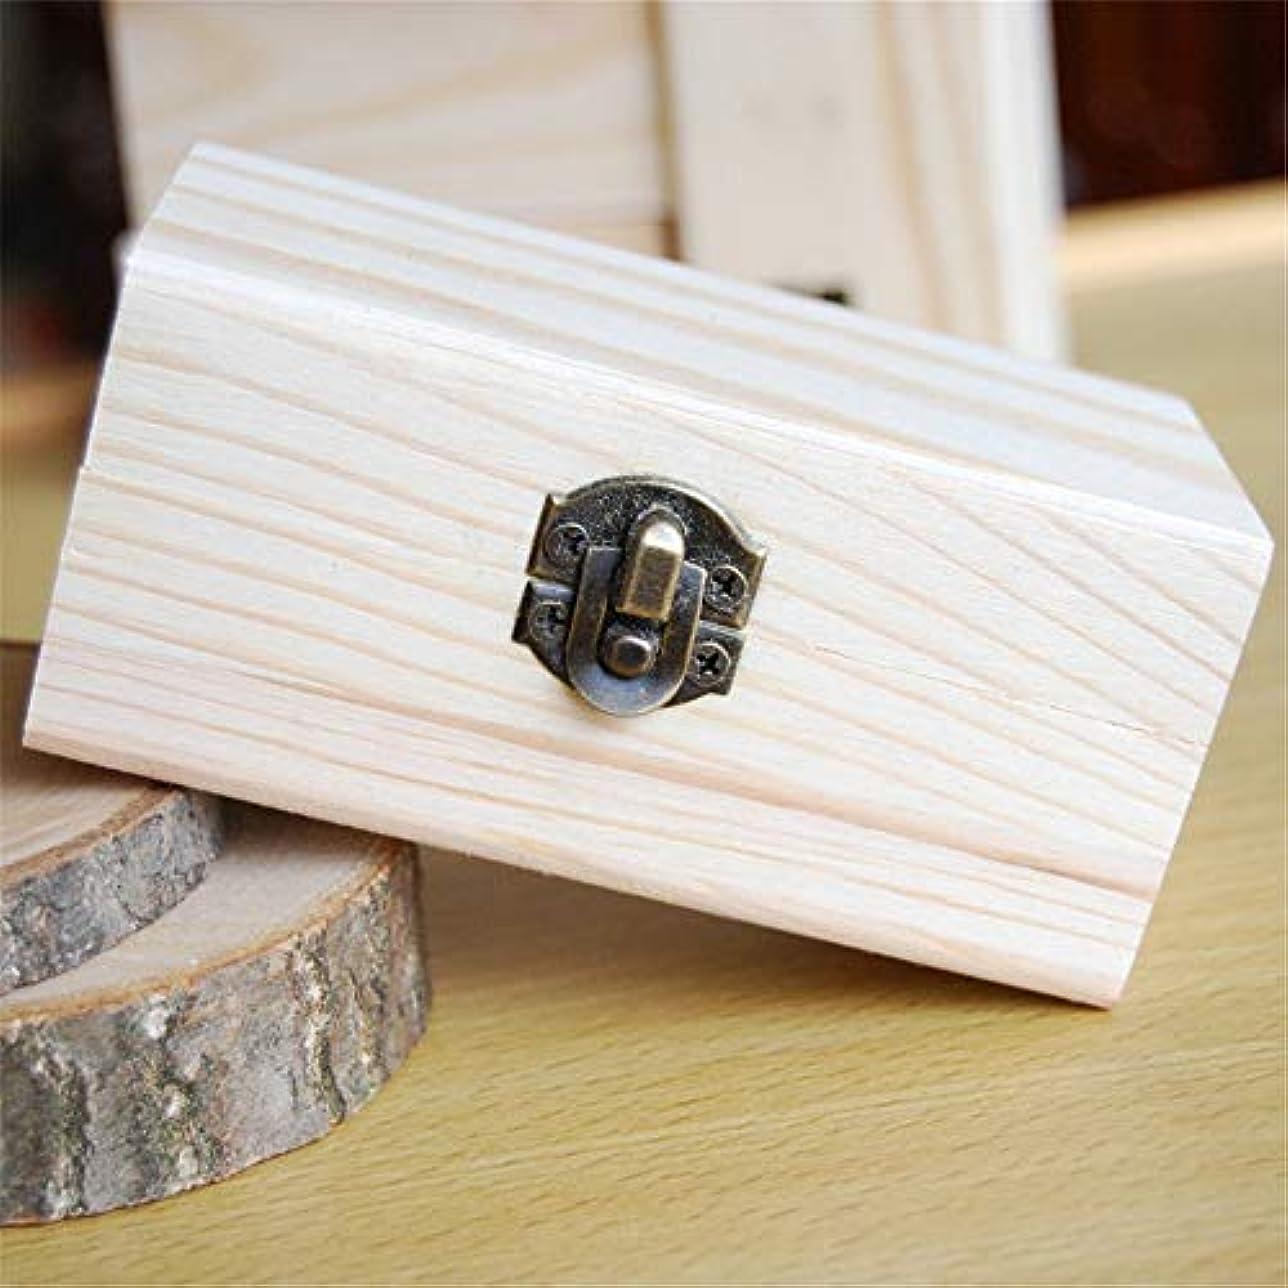 滴下ヒューバートハドソン強打安全に油を維持するための品質の木製エッセンシャルオイルストレージボックスベスト アロマセラピー製品 (色 : Natural, サイズ : 10X6X5CM)